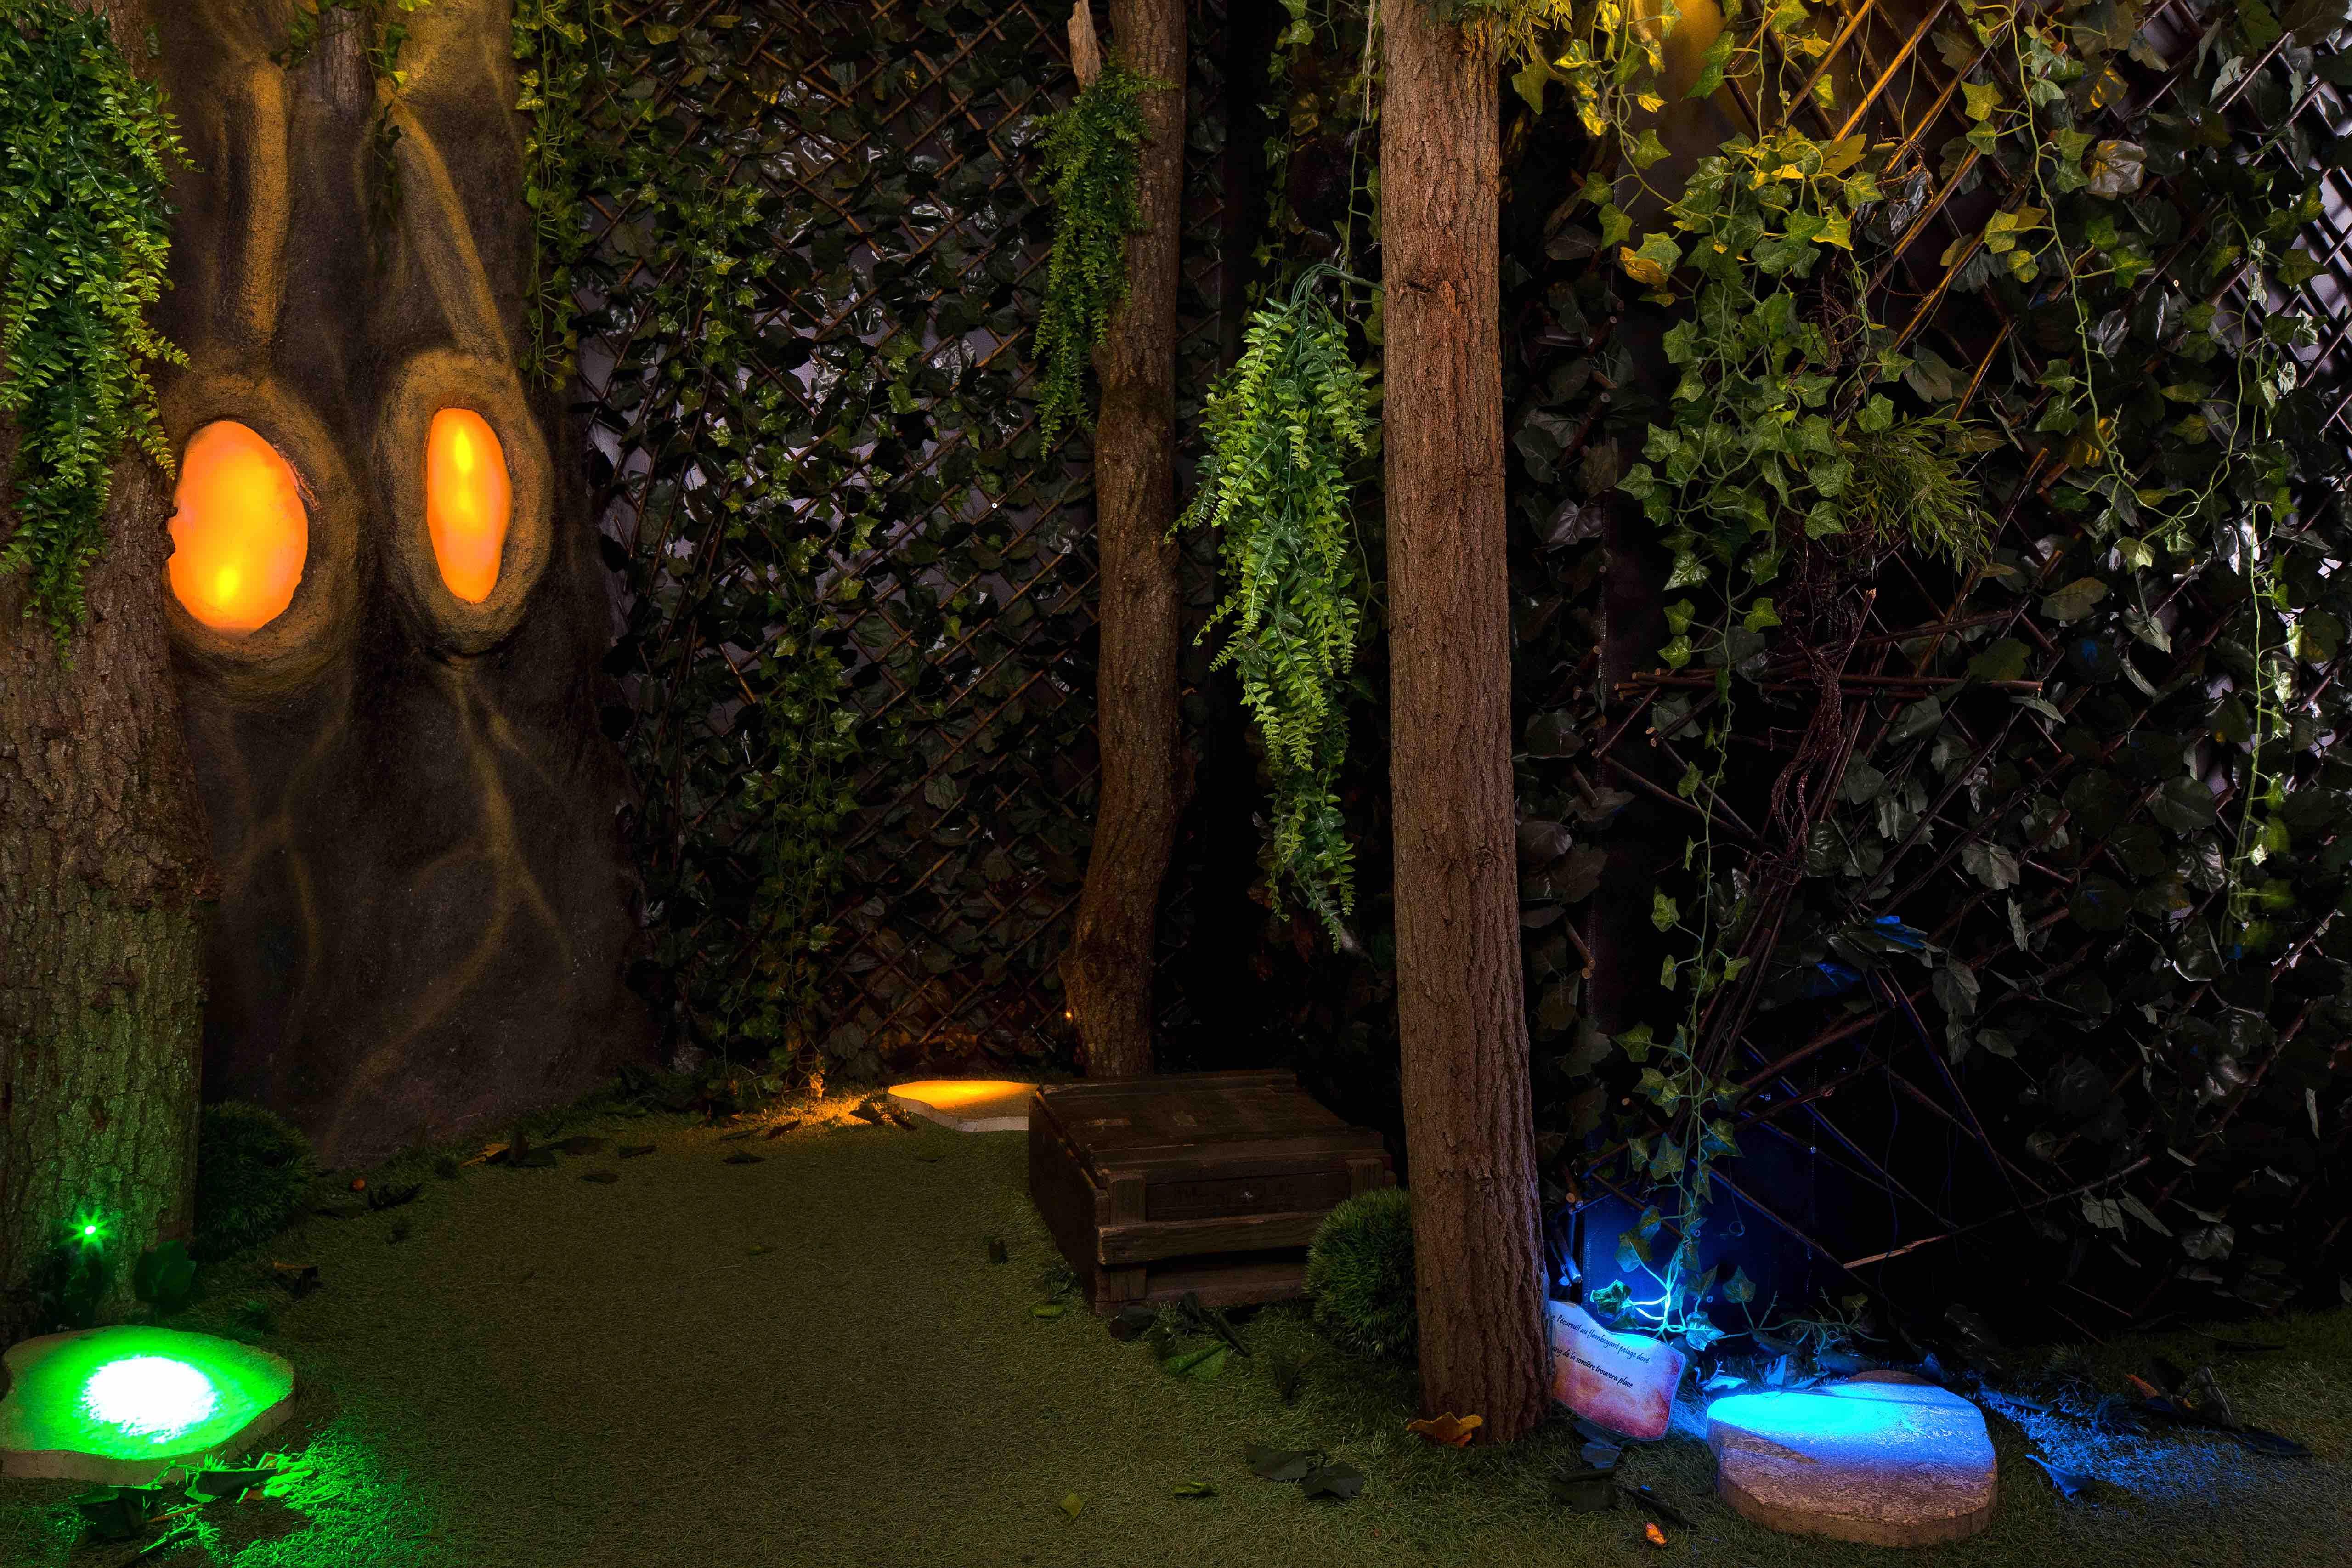 Image de la forêt de la salle Magie Noire de l'escape game le défi des ducs à Dijon